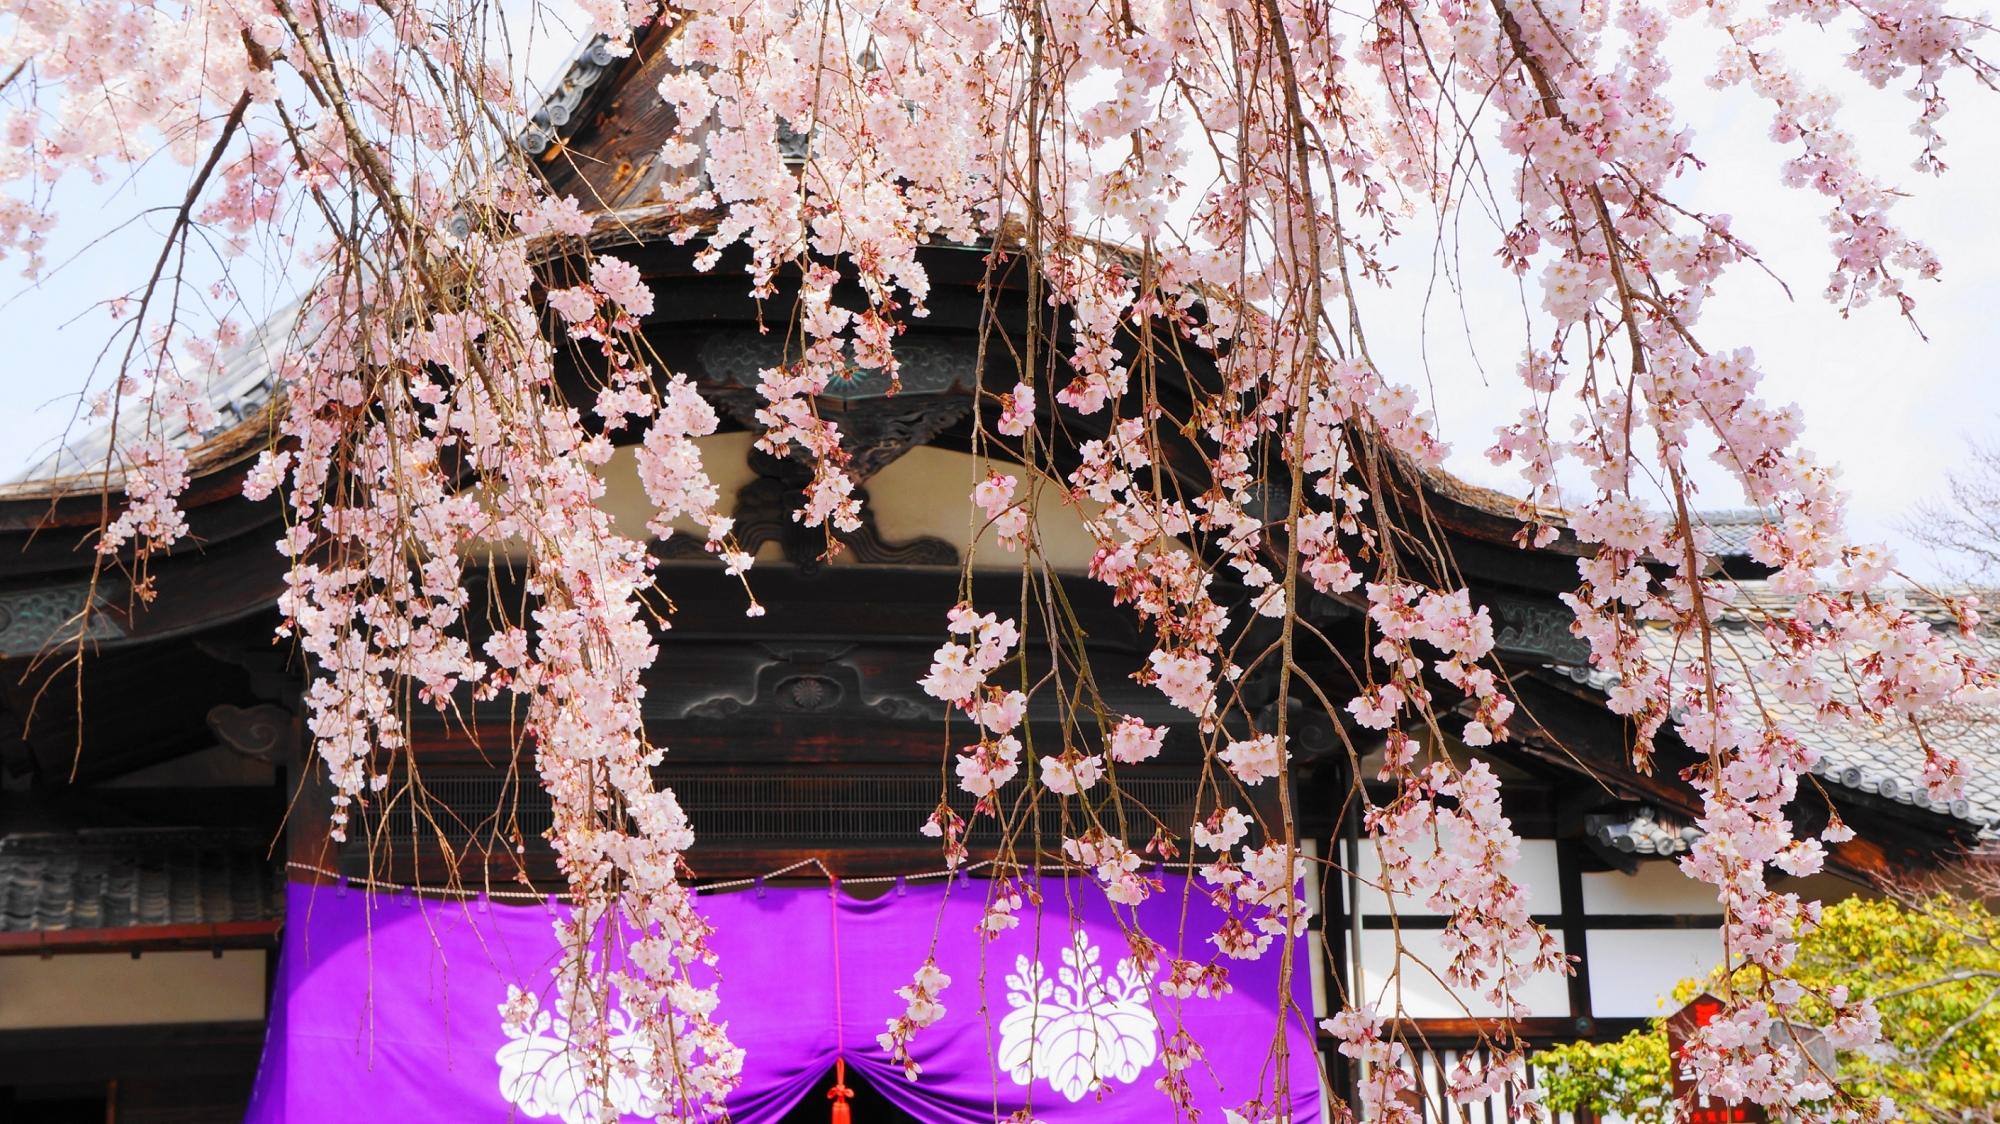 醍醐寺三宝院のその名の通りの素晴らしい太閤しだれ桜と大玄関